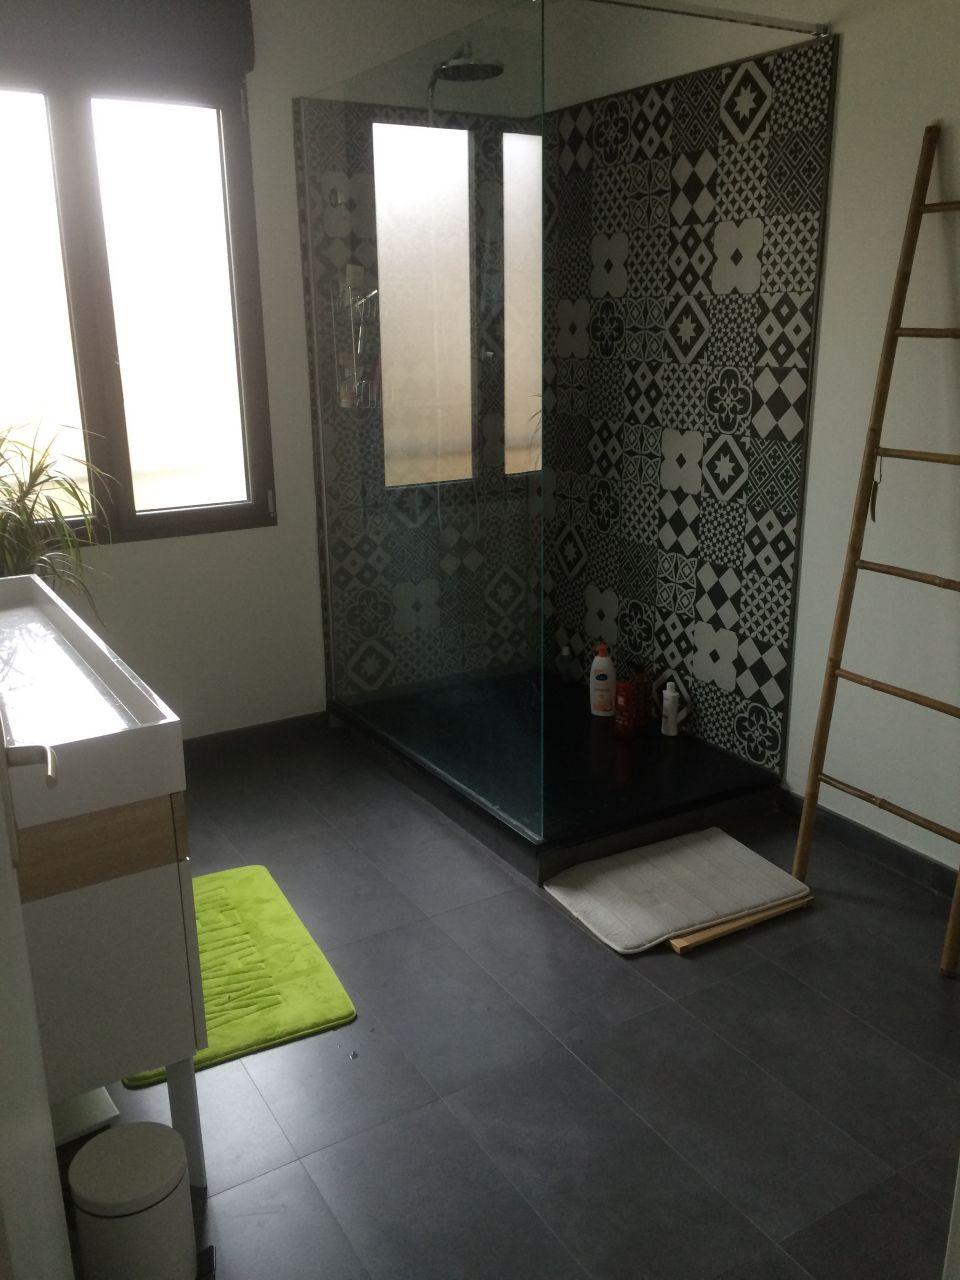 Salle de bain - salle d'eau 7.5m2 sols carrelage - Igny (Essonne - 91) - mars 2016